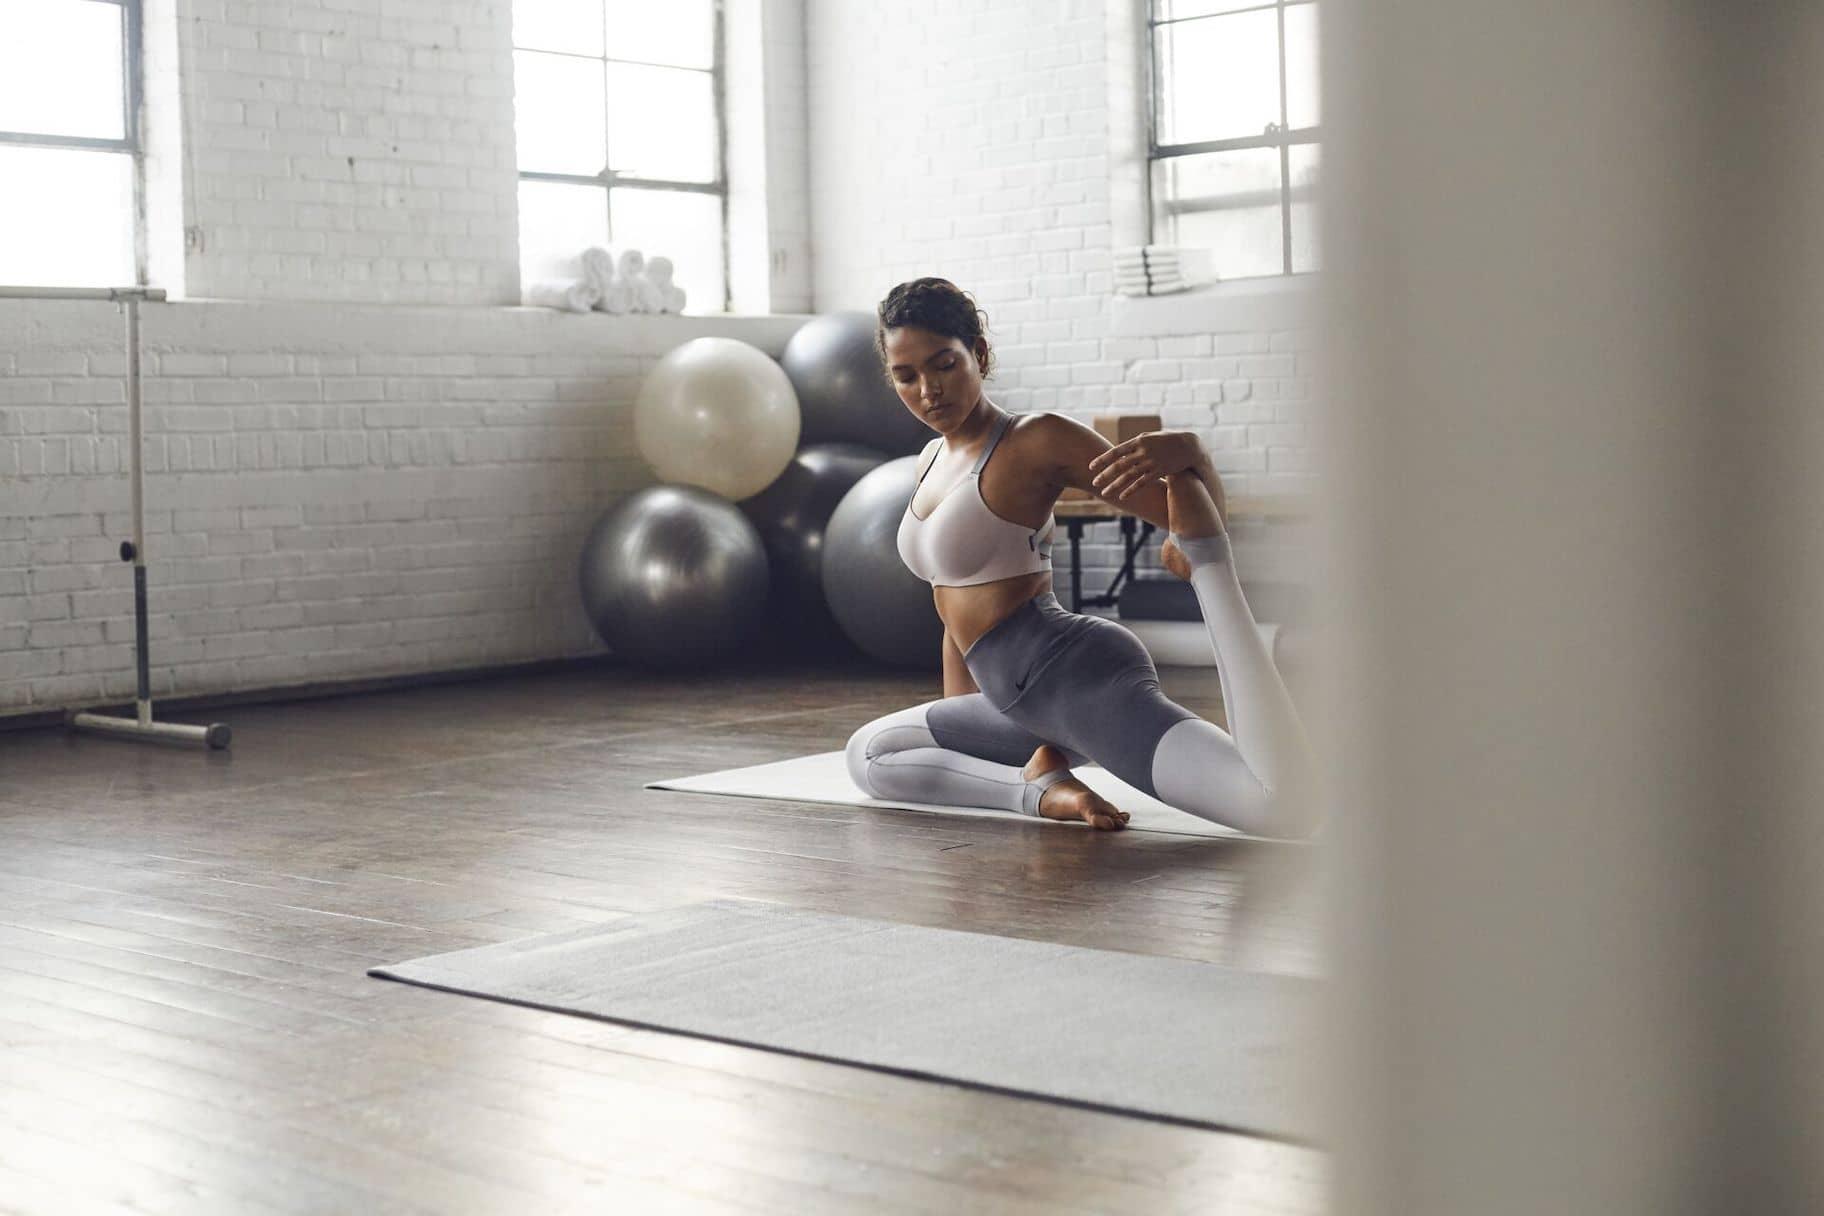 Cómo elegir ropa para hot yoga: consejos para mantener la frescura y comodidad